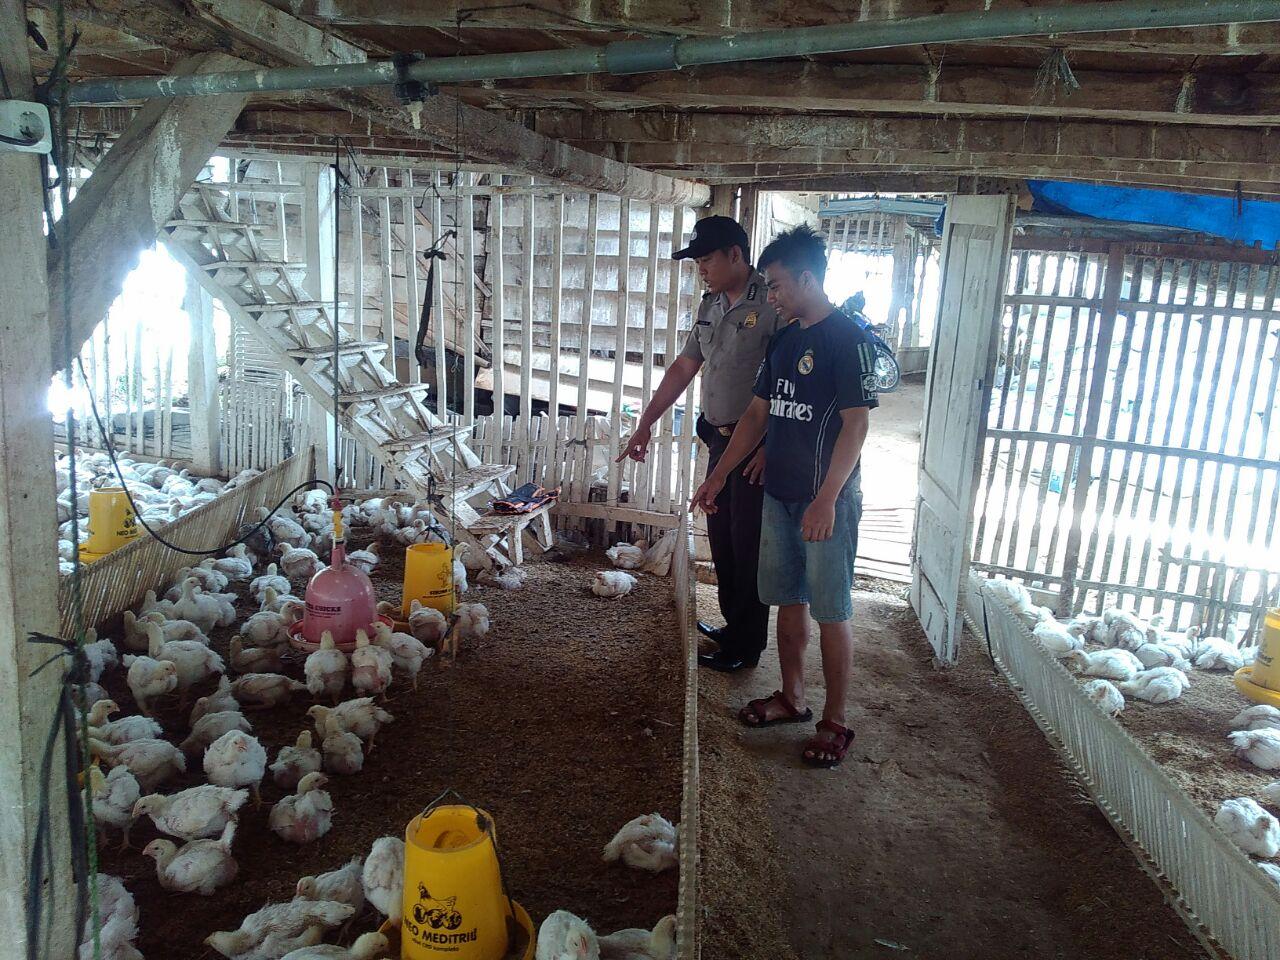 Menjaga Keamanan Wilayah, Anggota Bhabin Polsek Batu Polres Batu Patroli Sambang Peternak Ayam Menjalin Sinergitas